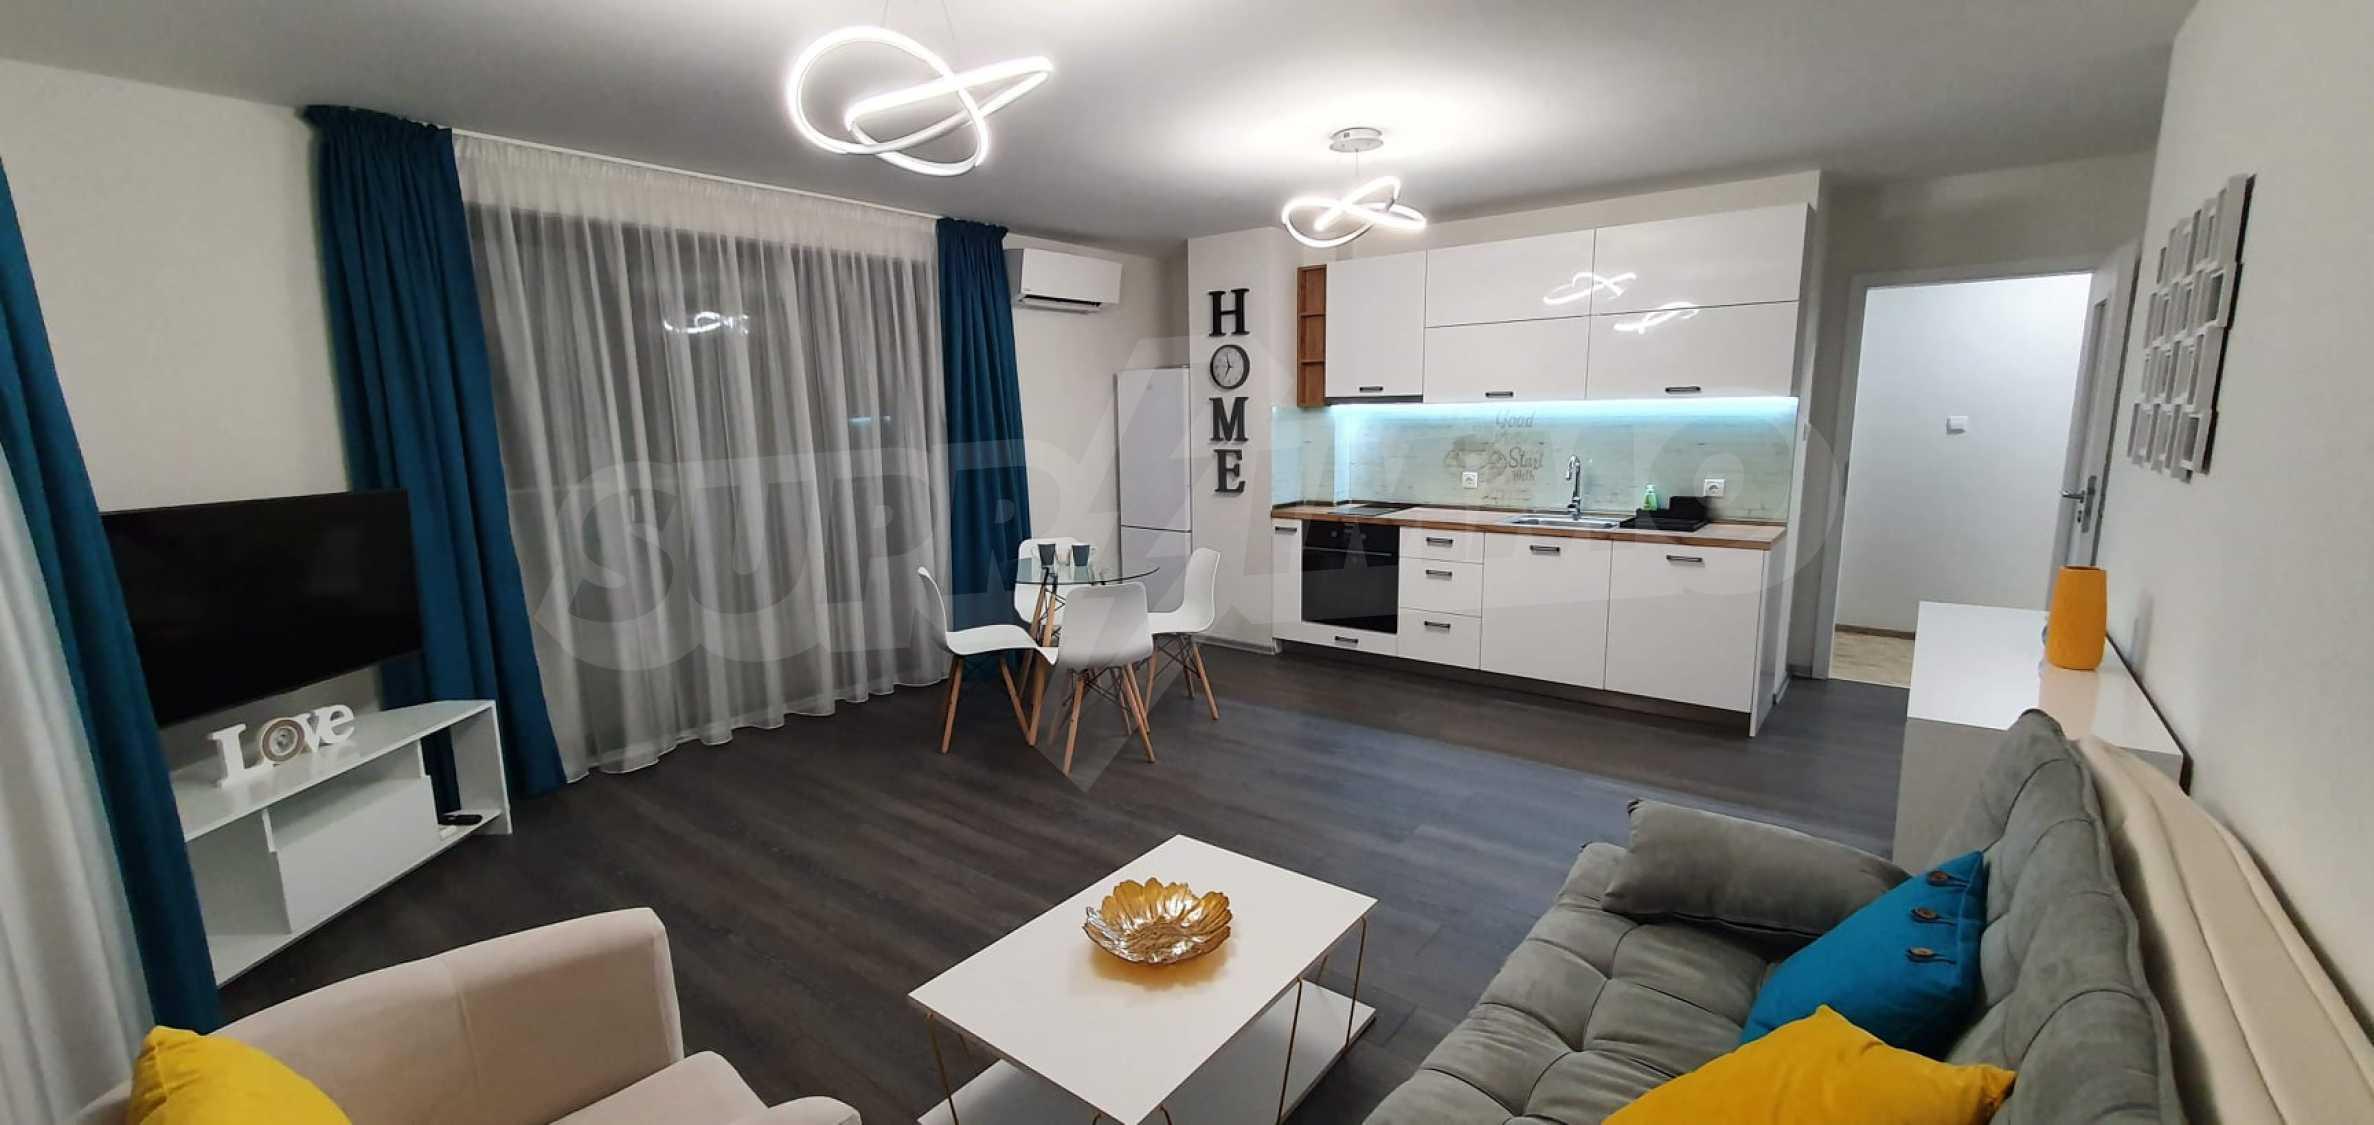 Новая стильно меблированная двухкомнатная квартира в Пловдиве, Центральный район, Каменица 2